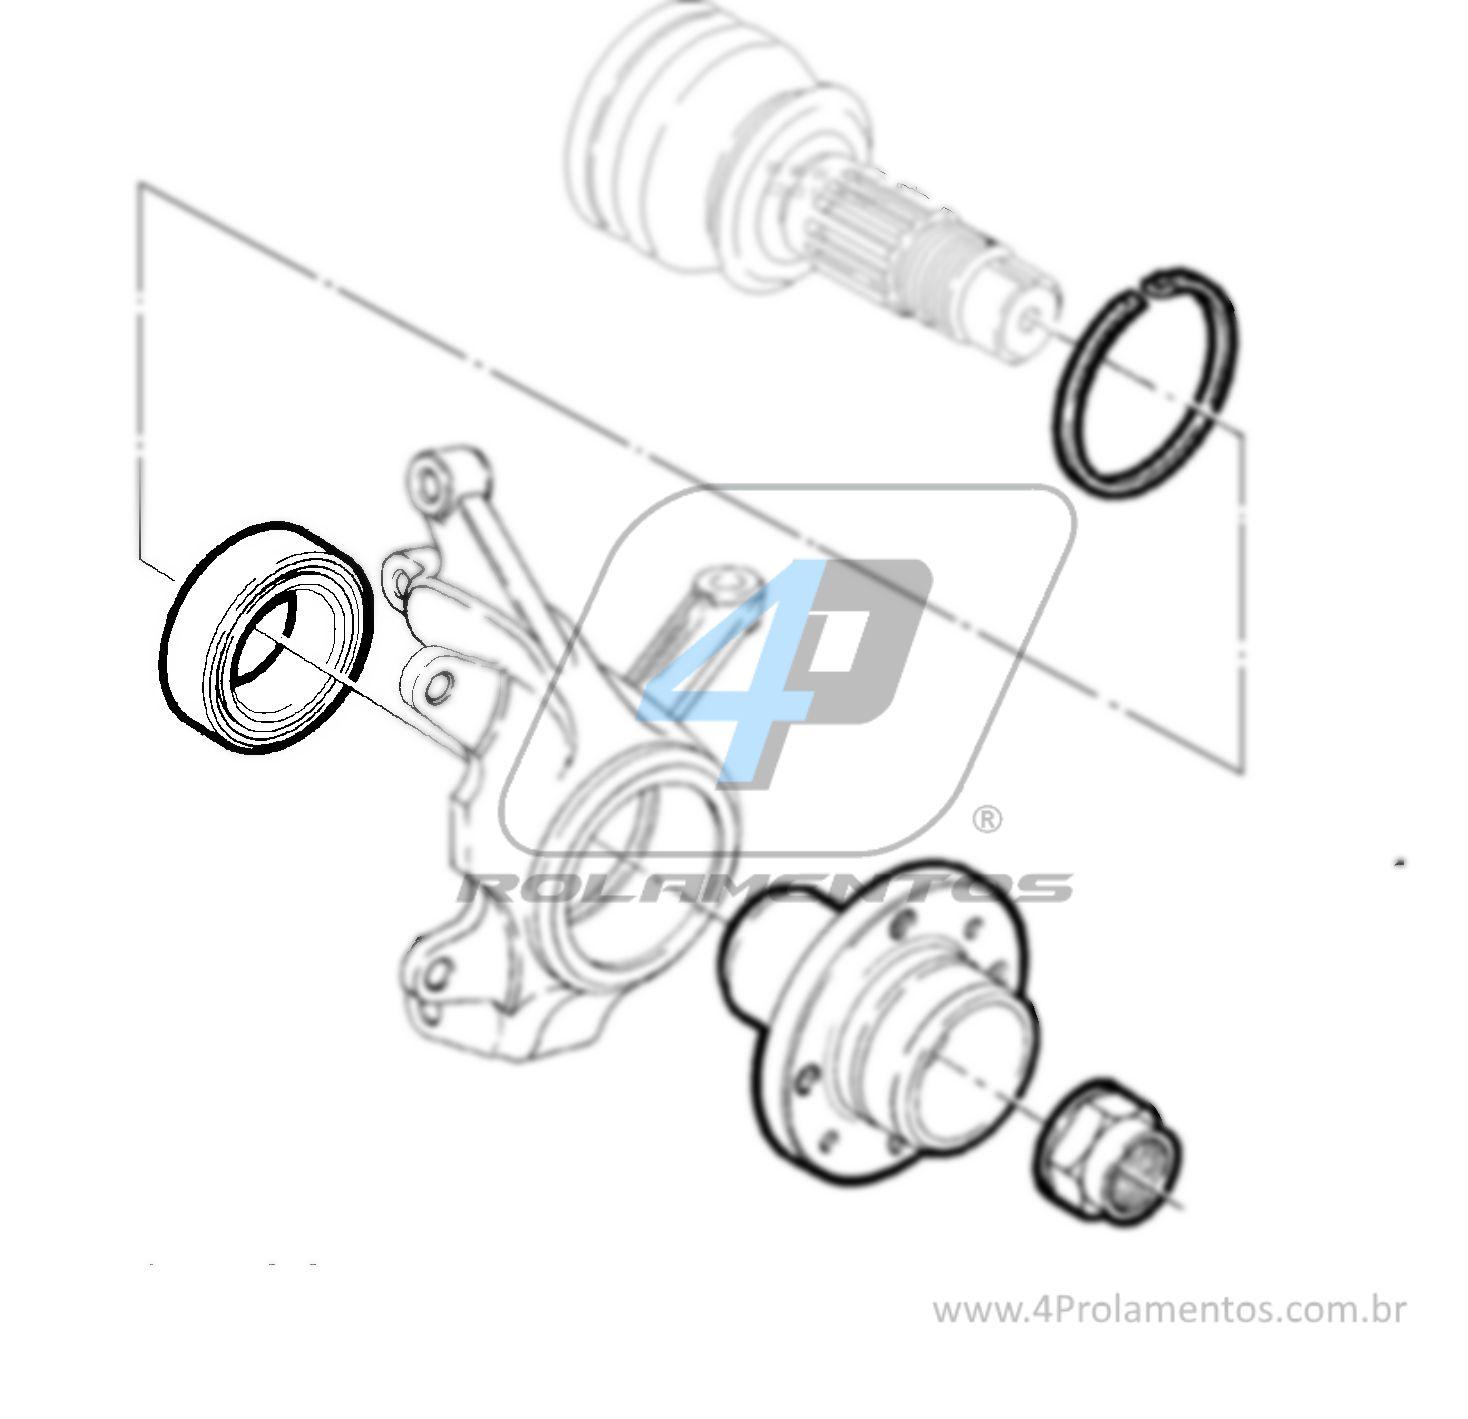 Rolamento de Roda Dianteira ALFA ROMEO 145 1994 até 2001, sem ABS